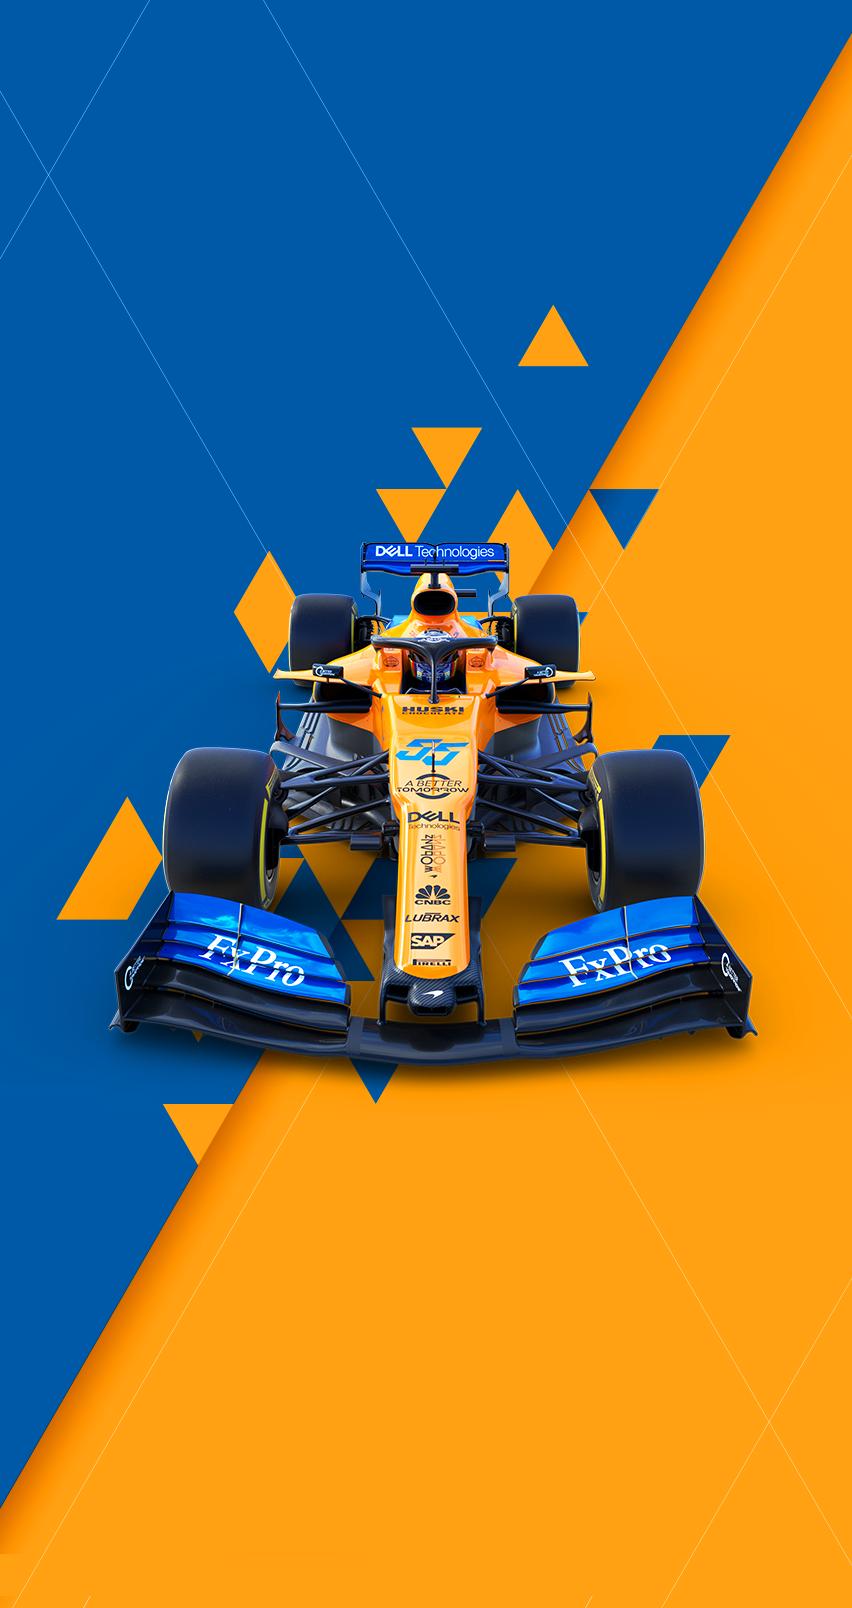 McLaren Racing Official Website 852x1608